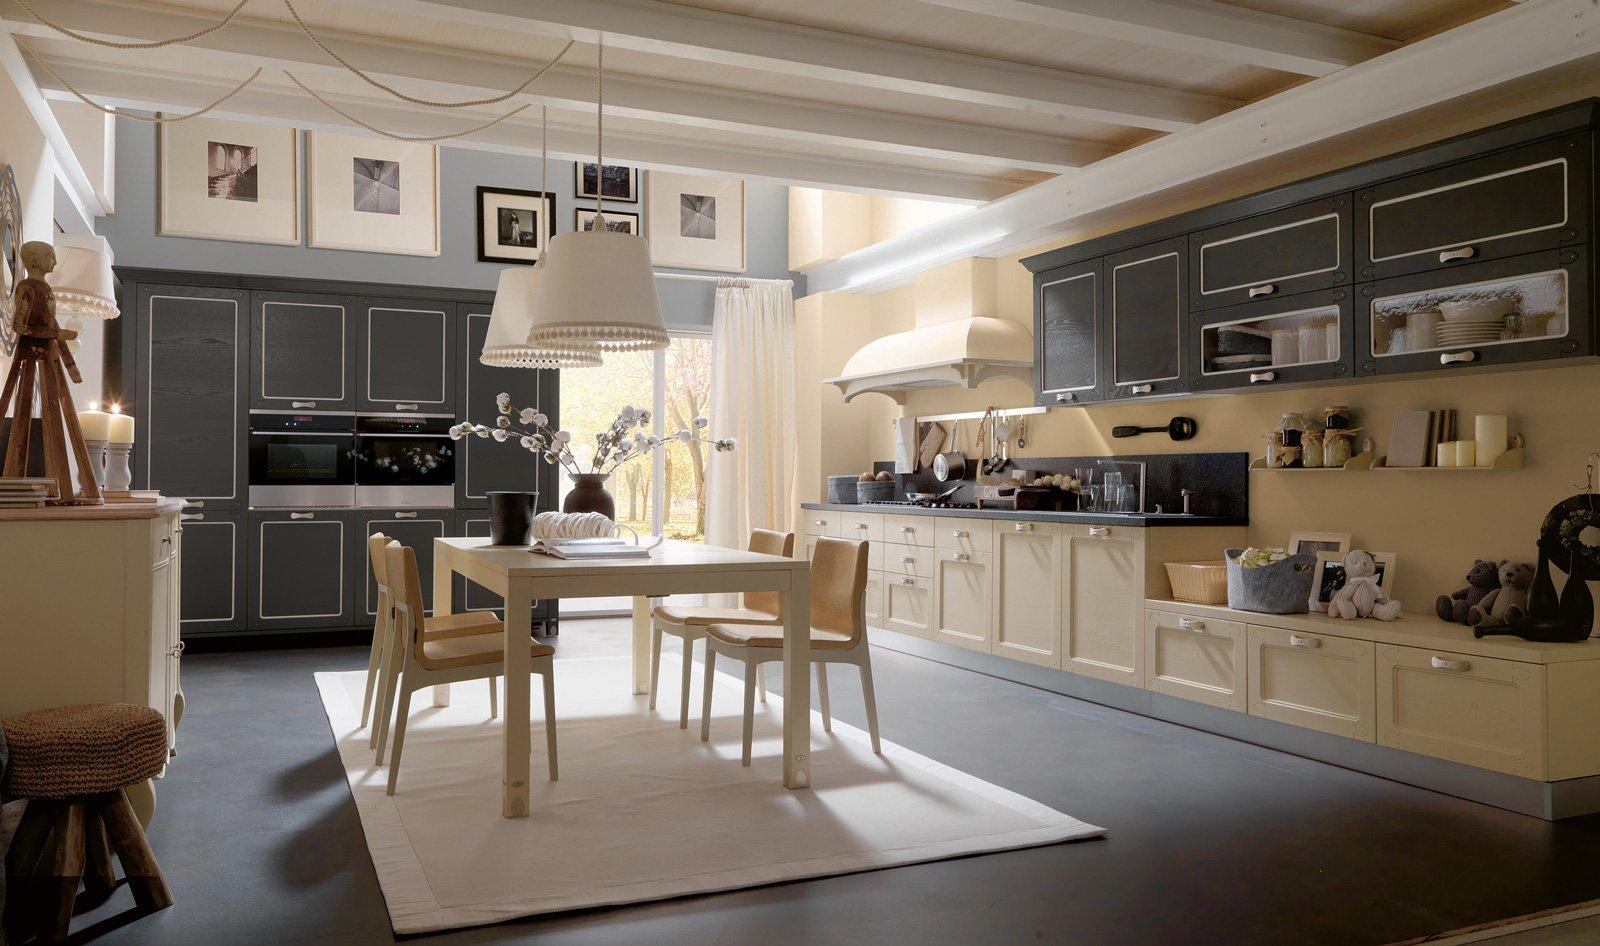 Cucine in legno tradizionali country o moderne cose di casa - Cucina grigio scuro ...